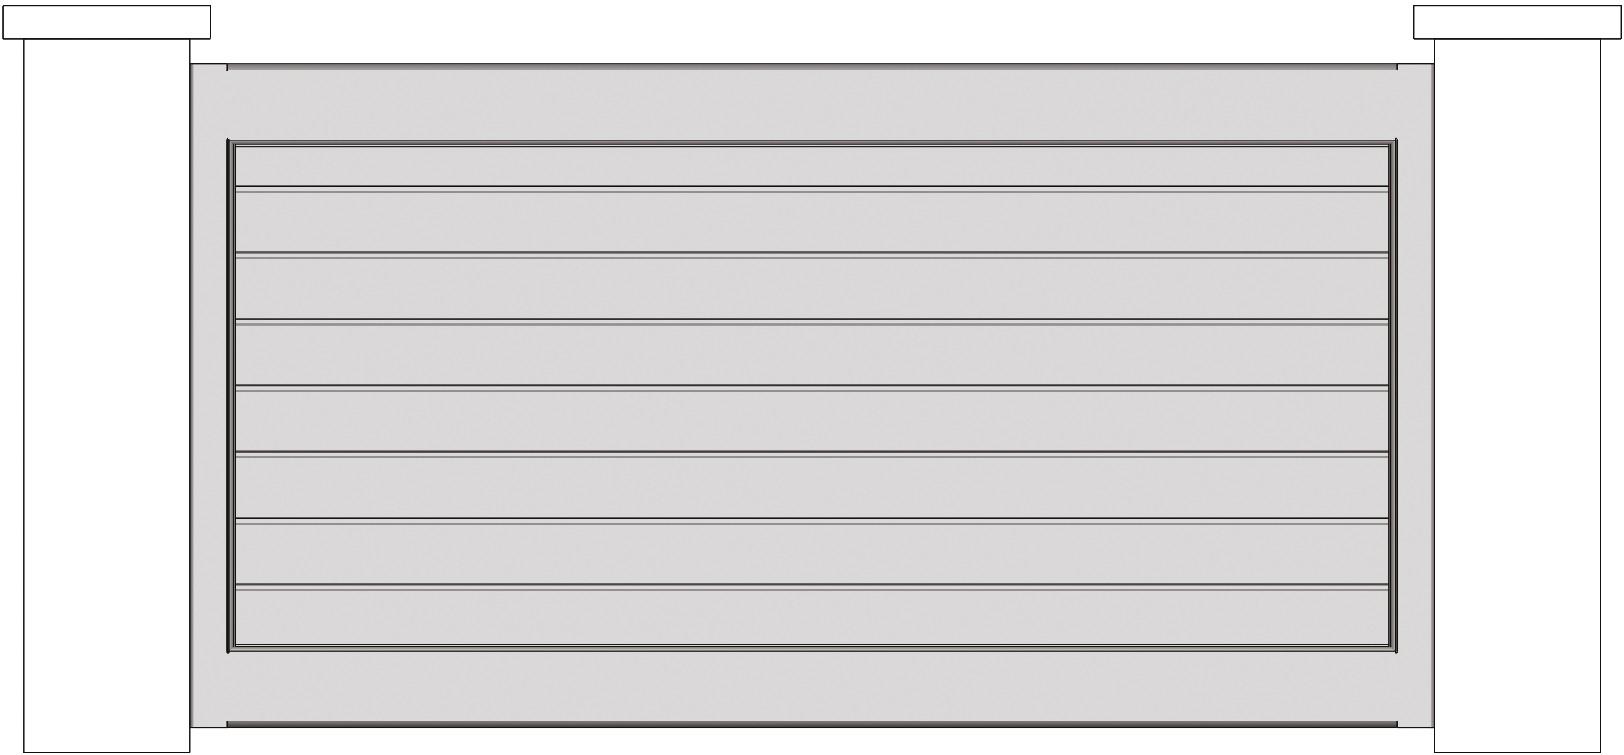 Schéma de clôture horizontale pleine